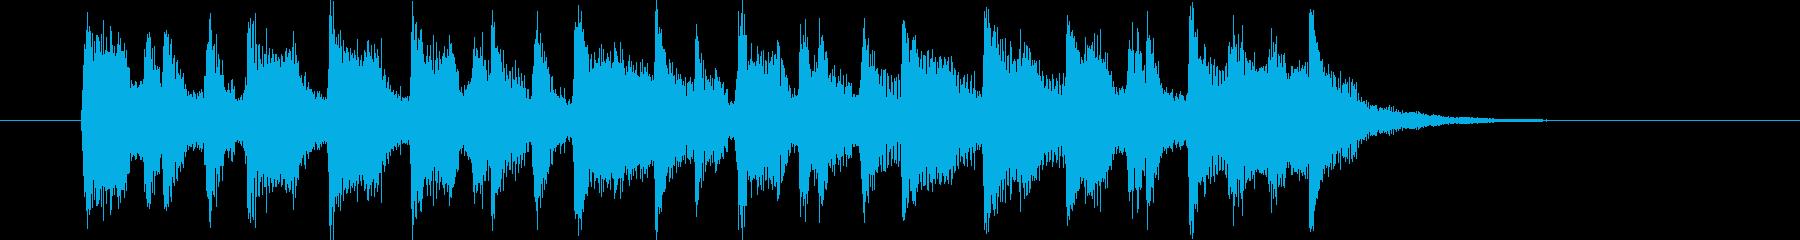 11秒の爽やかなミドルポップジングルの再生済みの波形